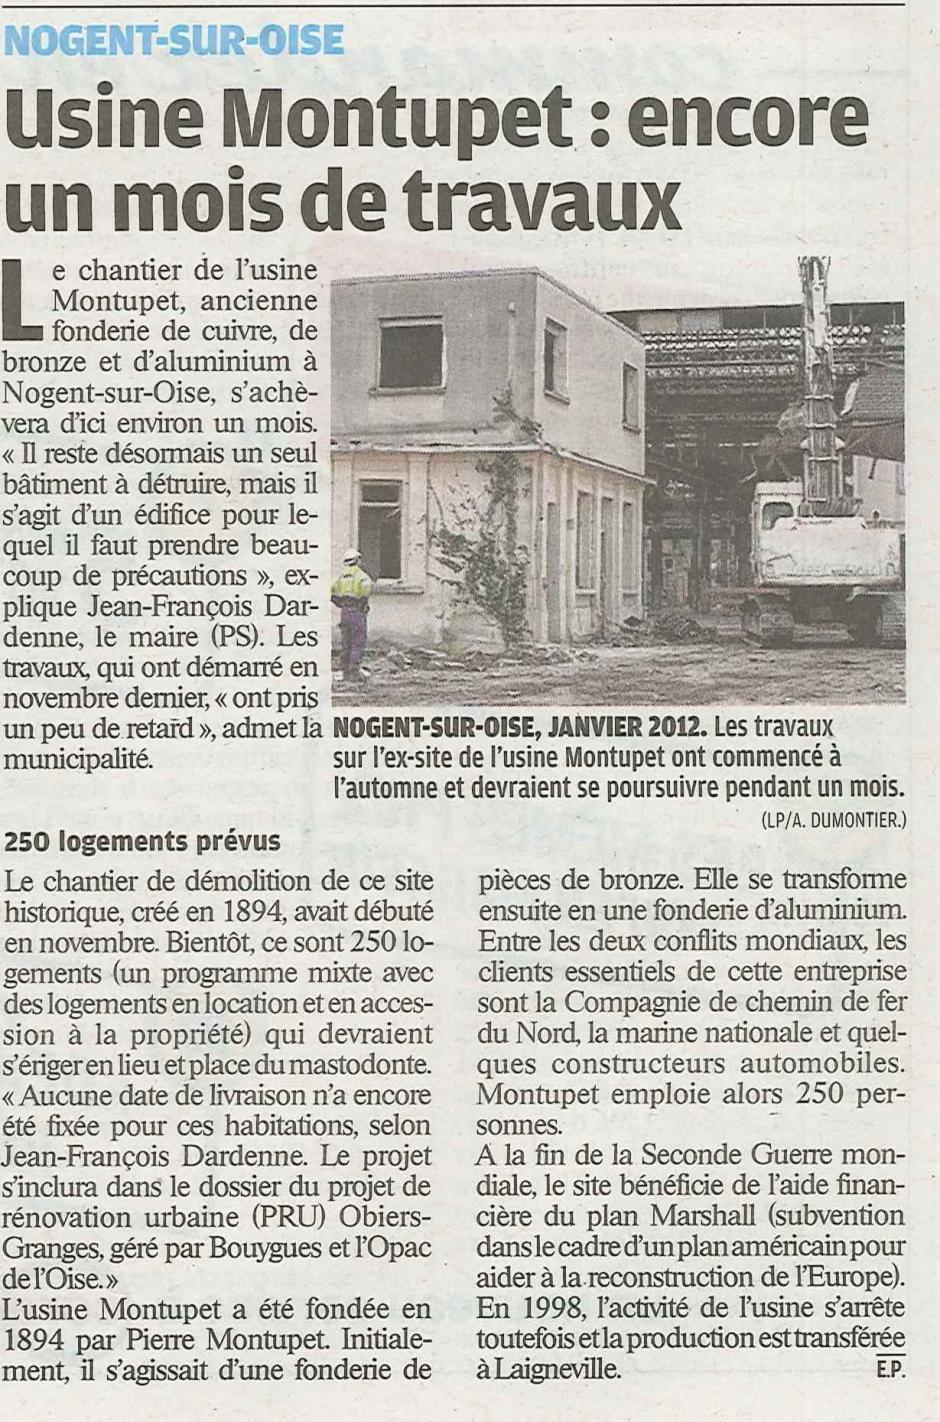 20120507-LeP-Nogent-sur-Oise-Usine Montupet : encore 1 mois de travaux